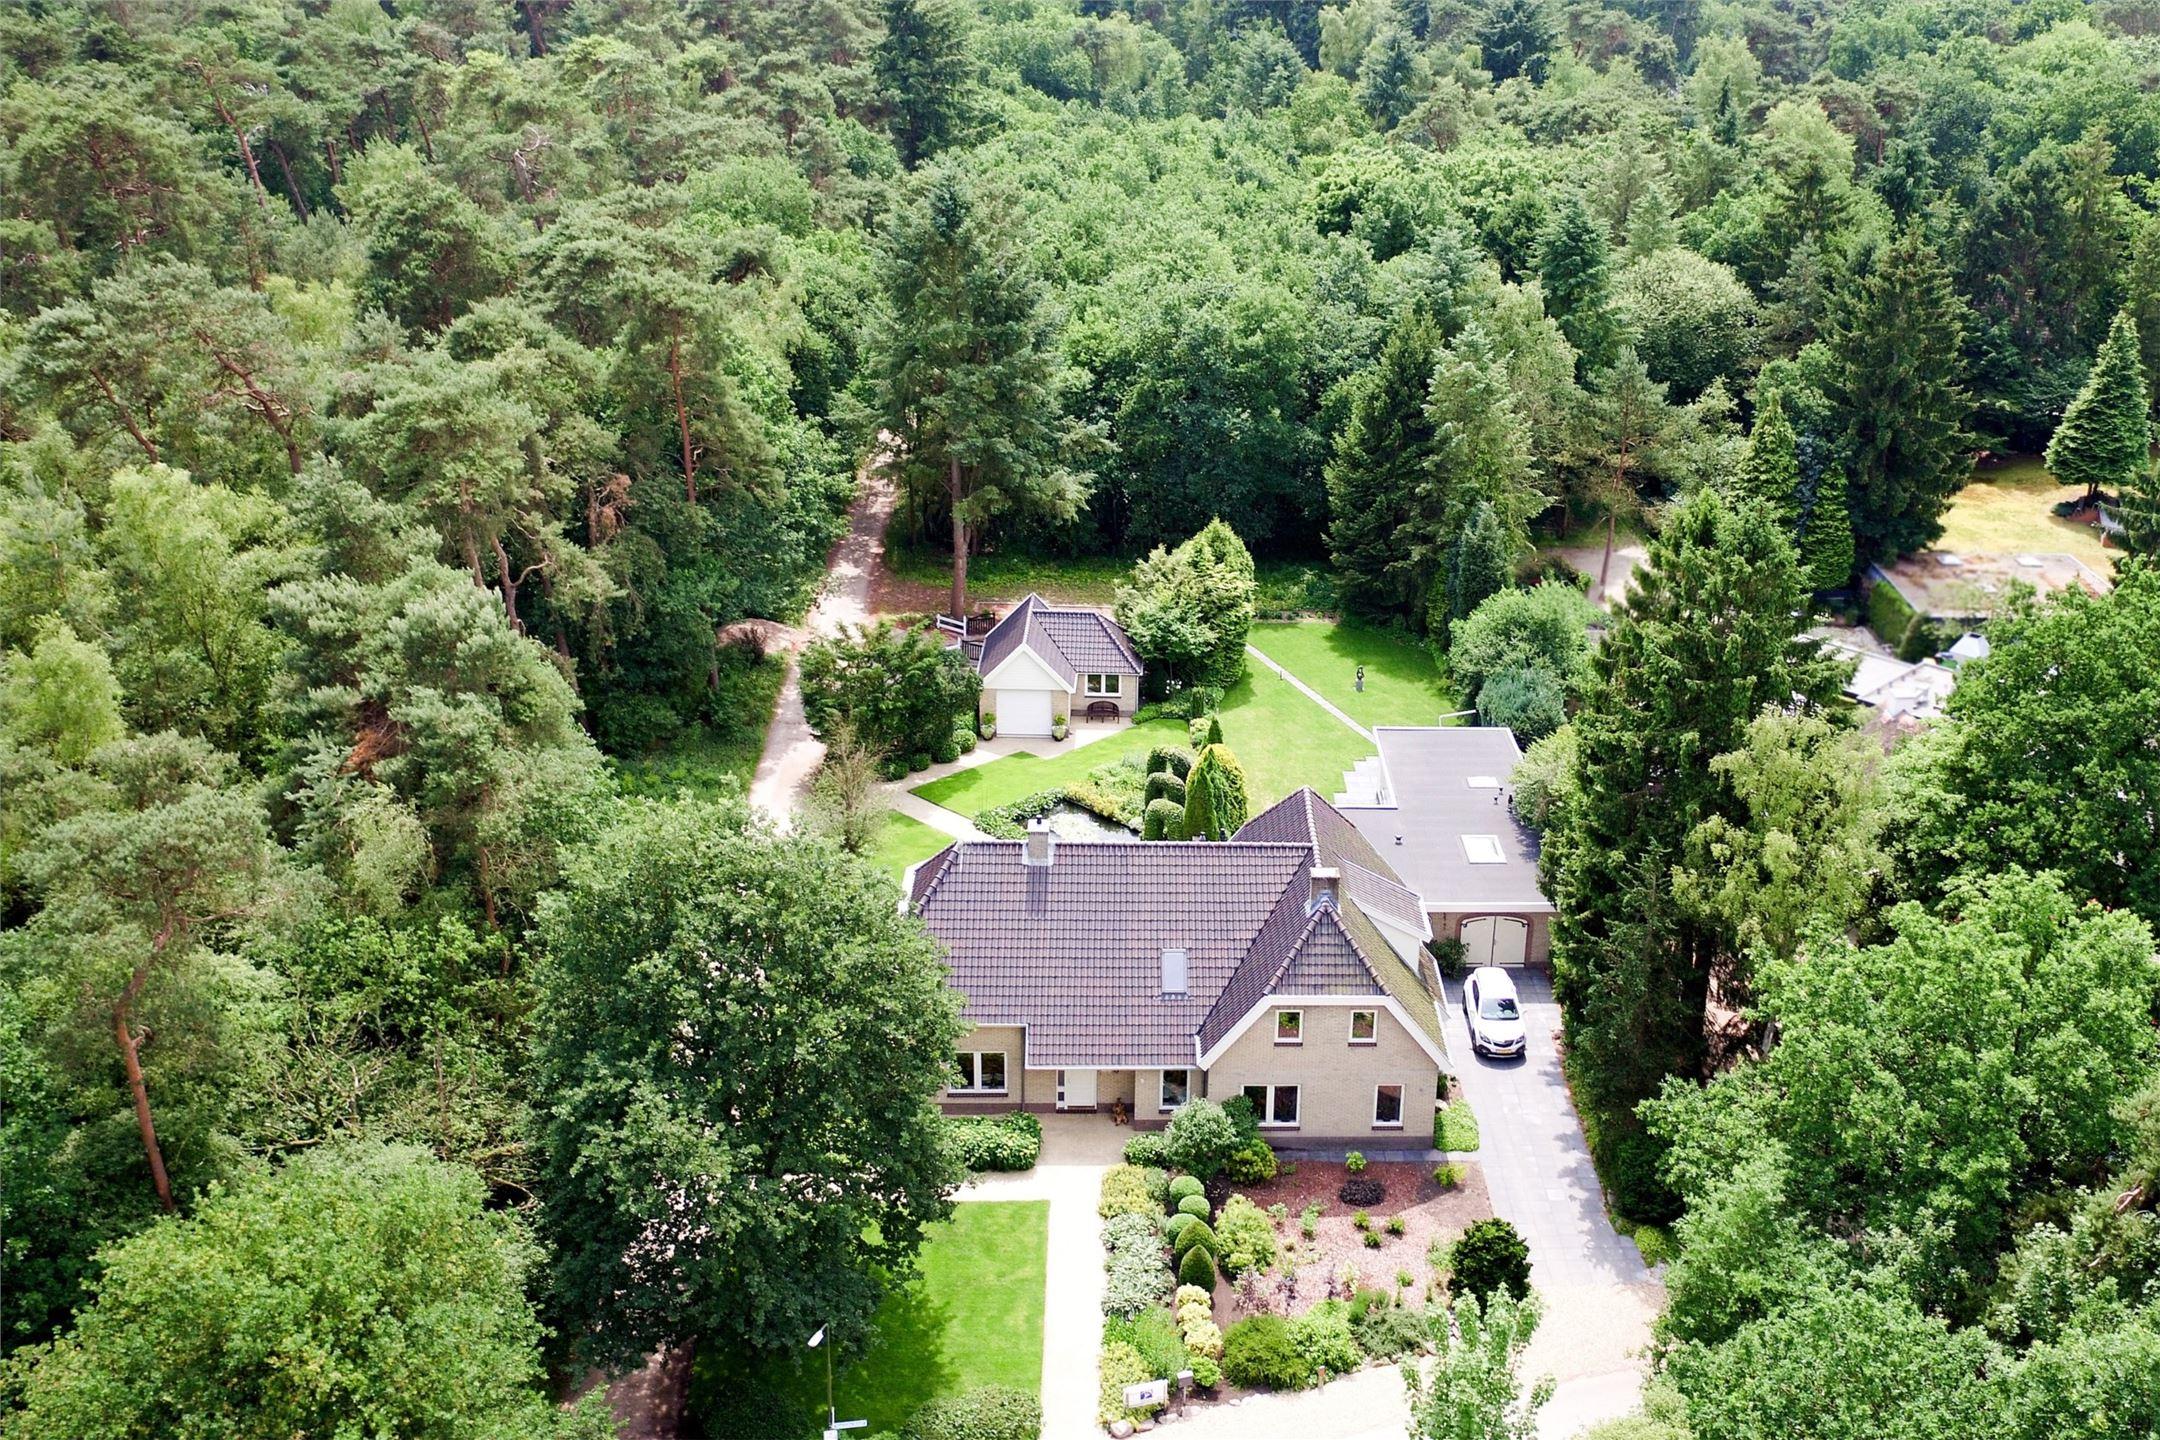 загородный дом участок ландшафт вид сверху